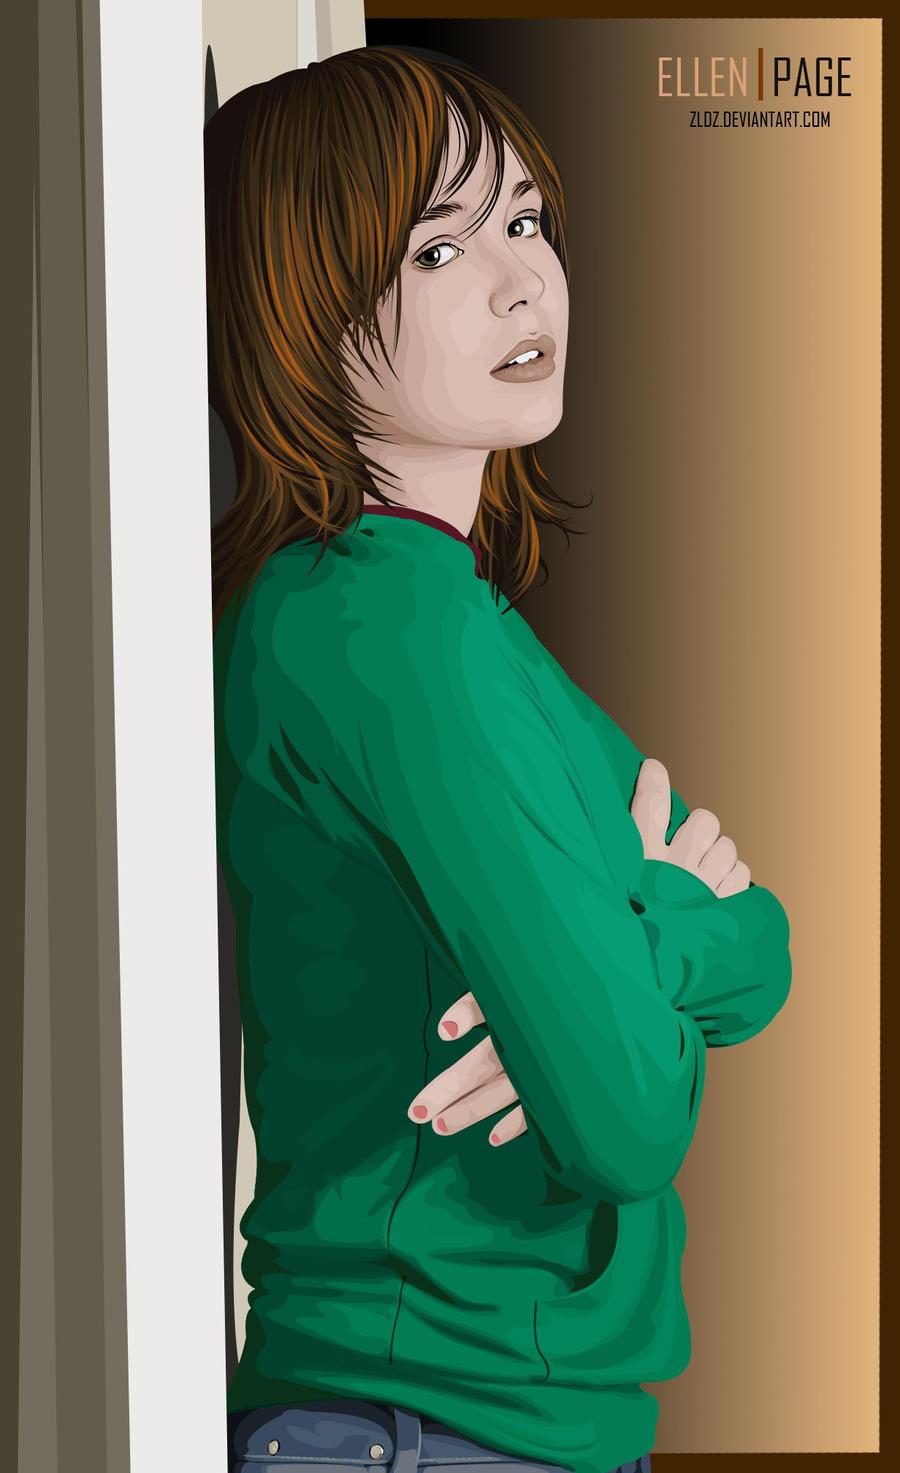 Ellen Page by zldz